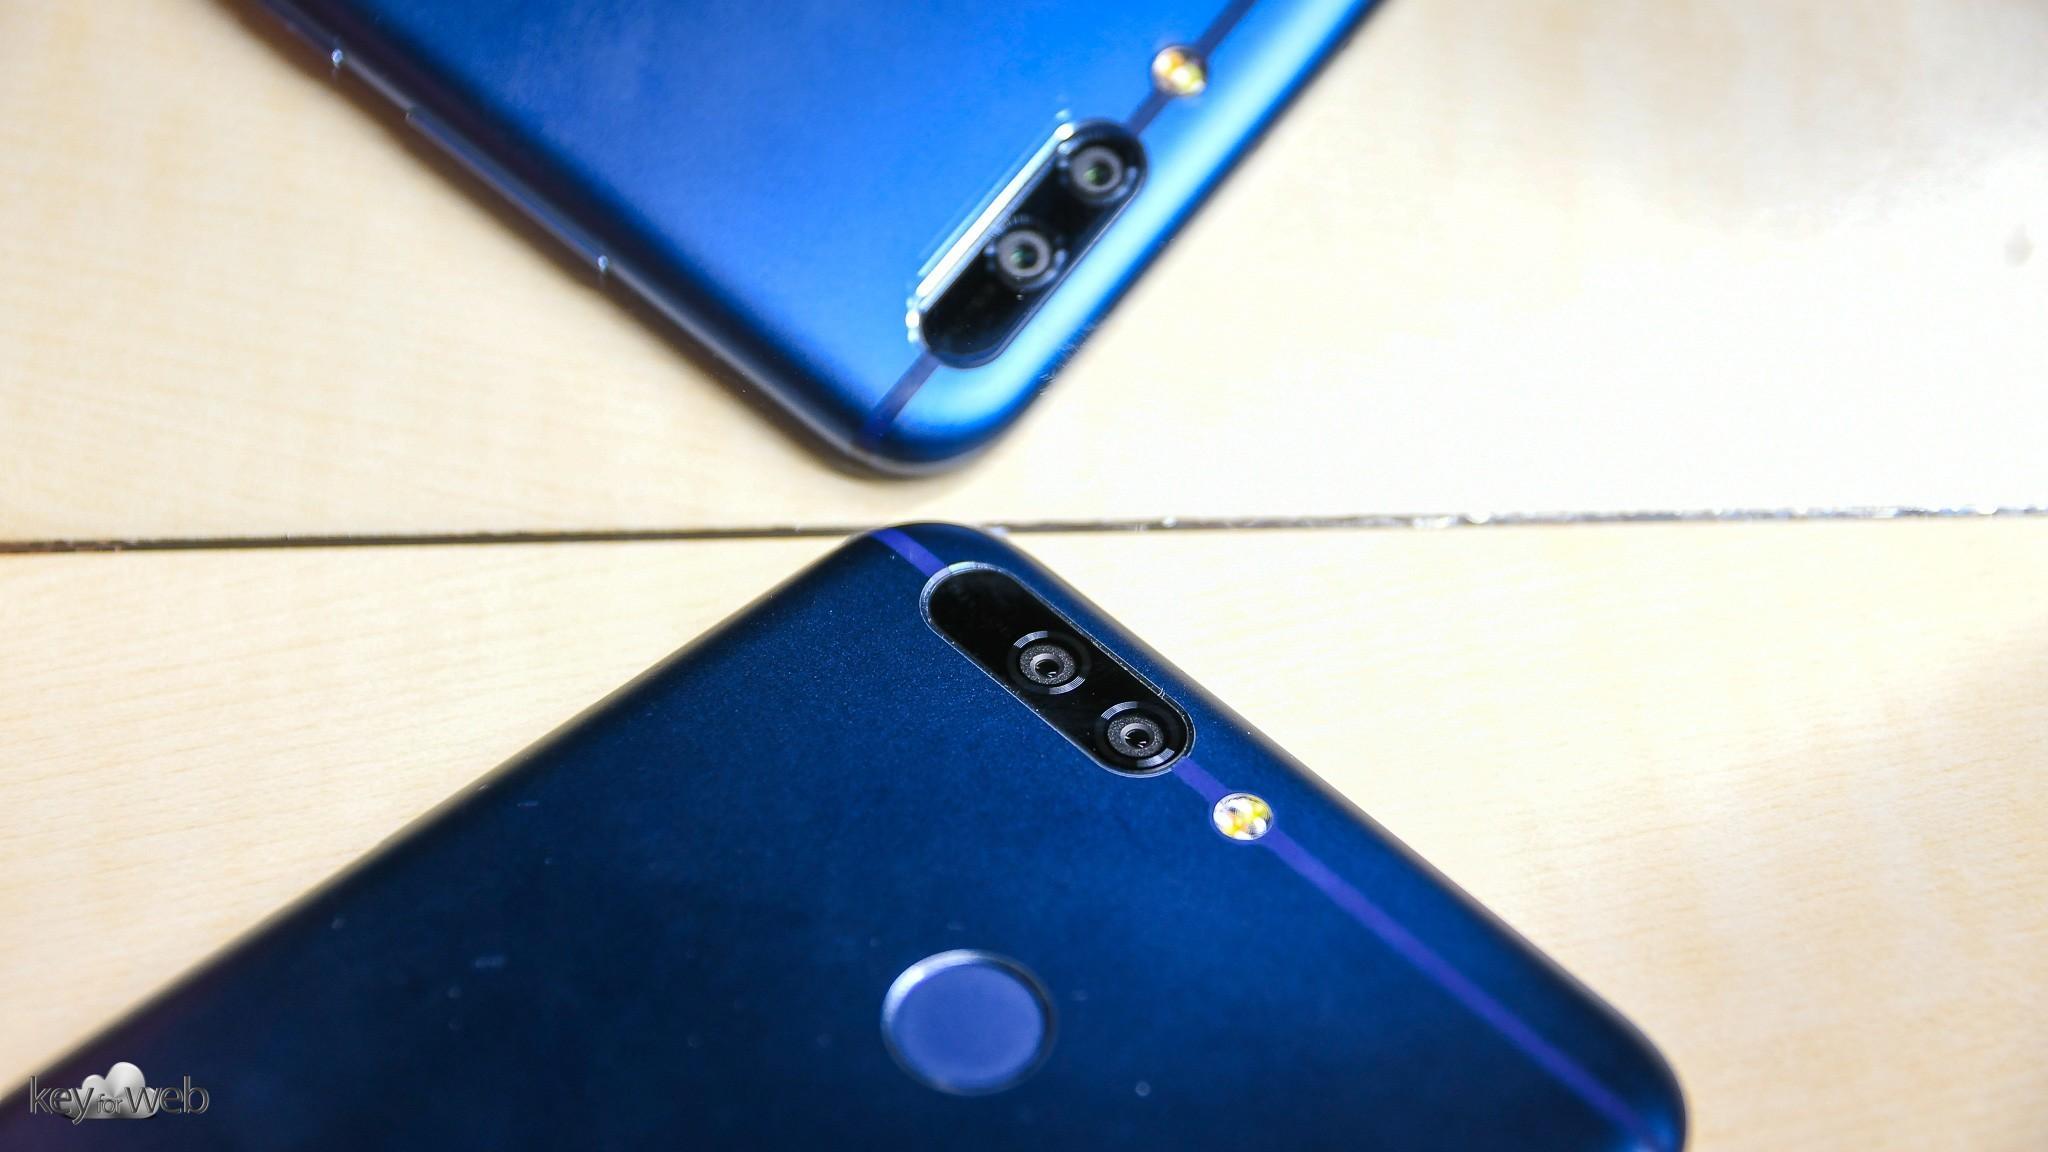 Recensione Honor 8 Pro: il Phablet per eccellenza con Kirin 960, dual-camera e 4000mAh